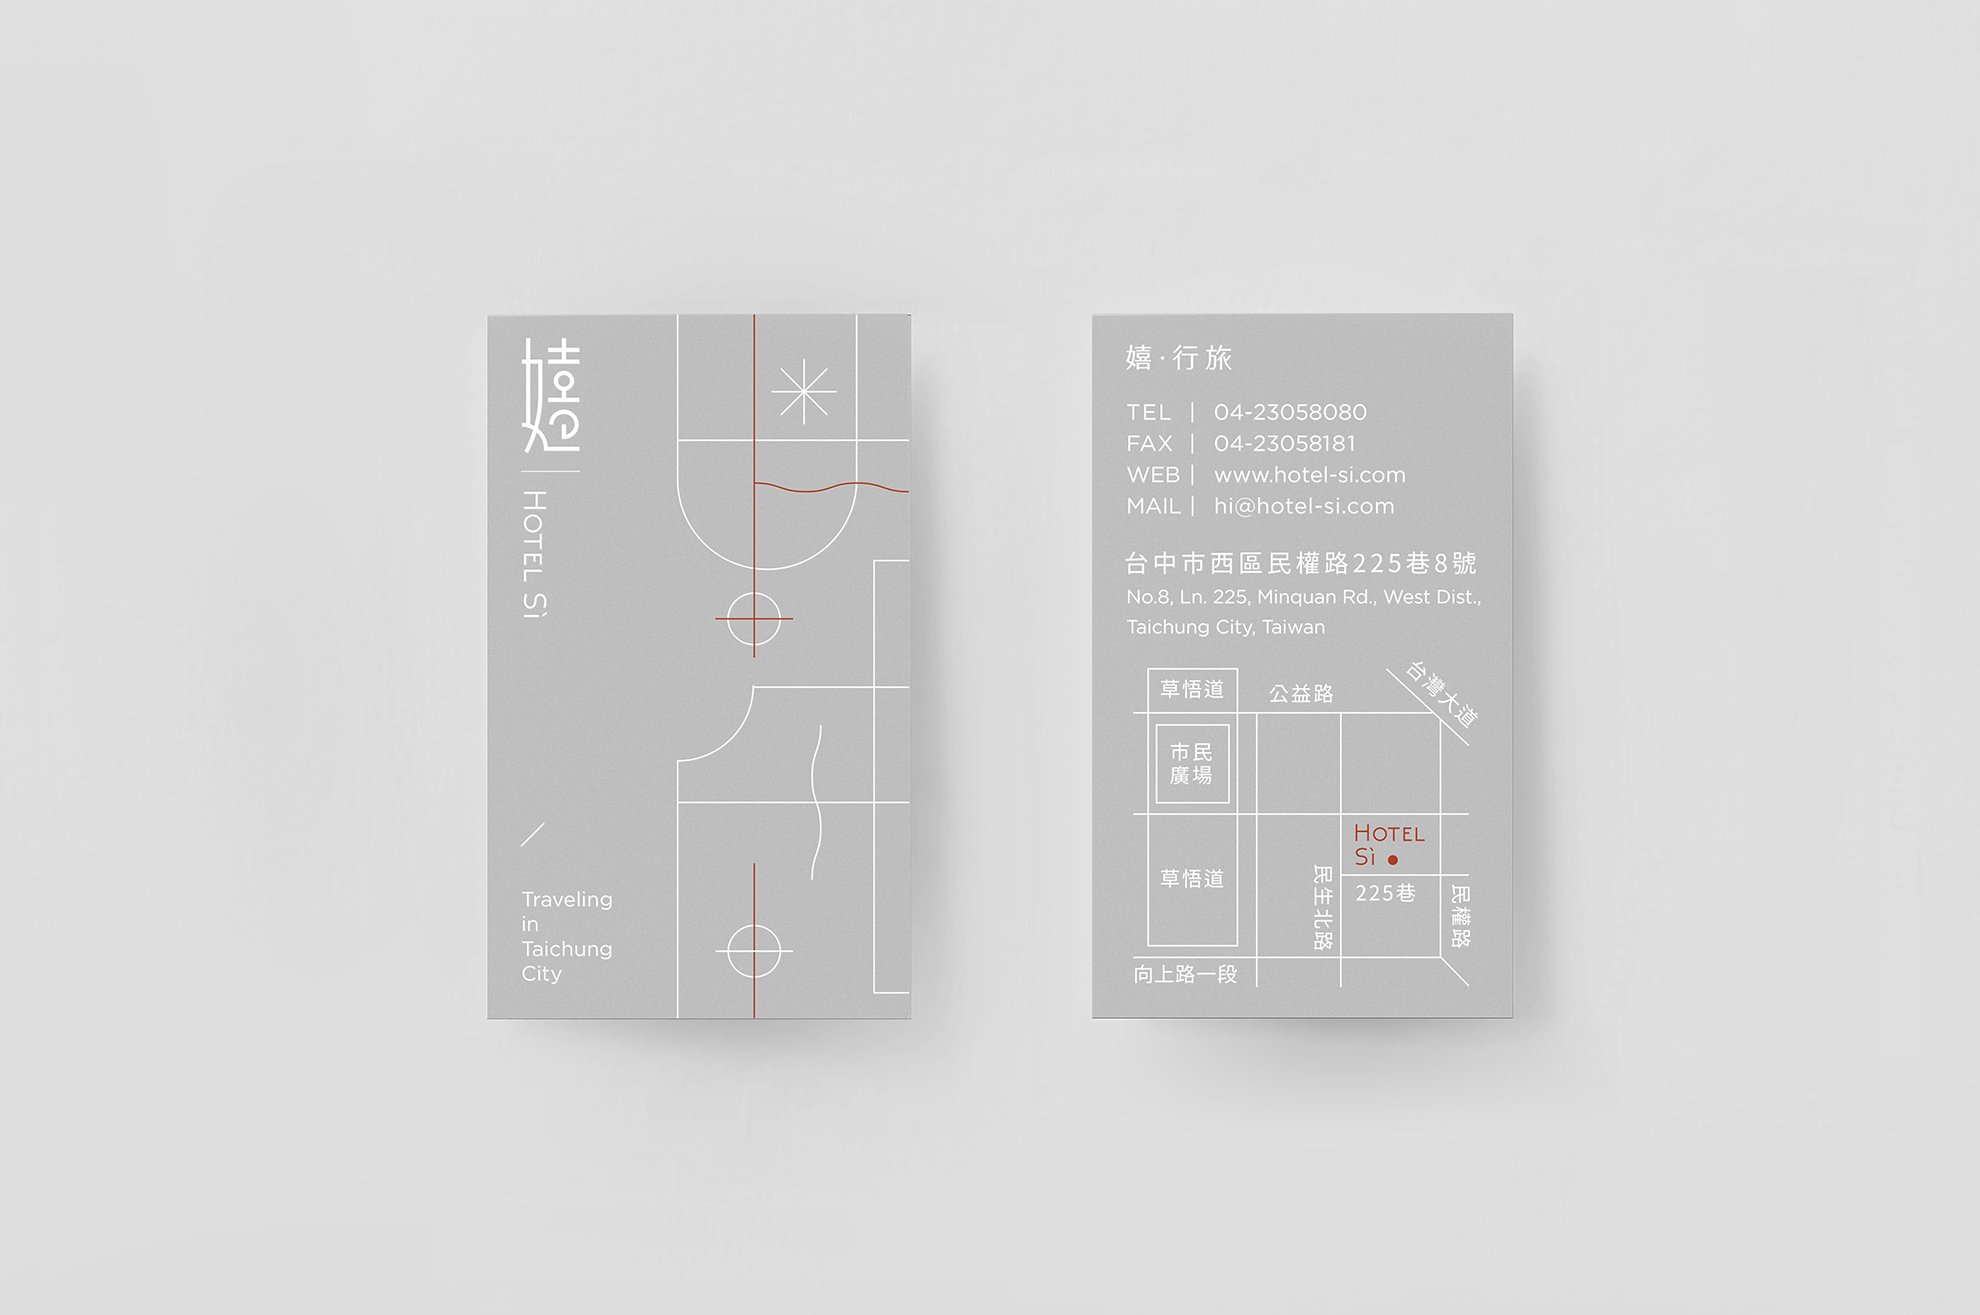 台中嬉行旅Hotel Si品牌識別設計-備品設計